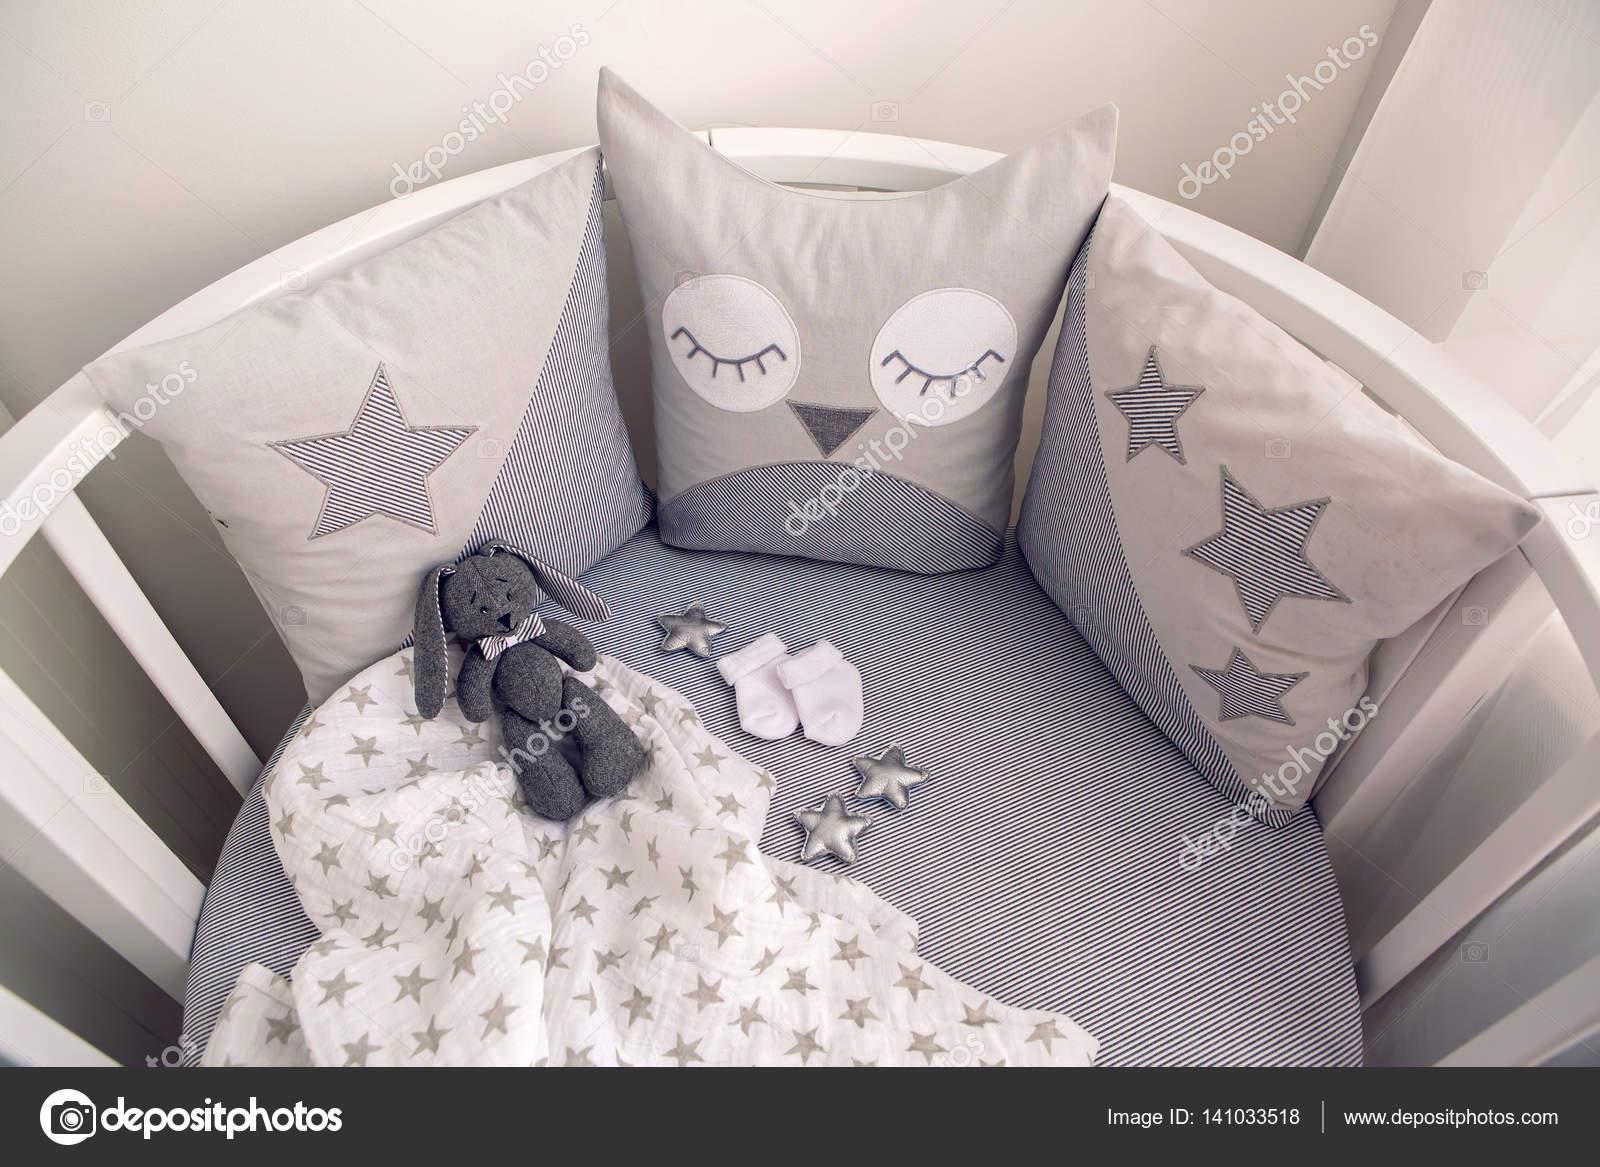 cama bebé blanco con cojines gris redonda — Fotos de Stock © lena ...